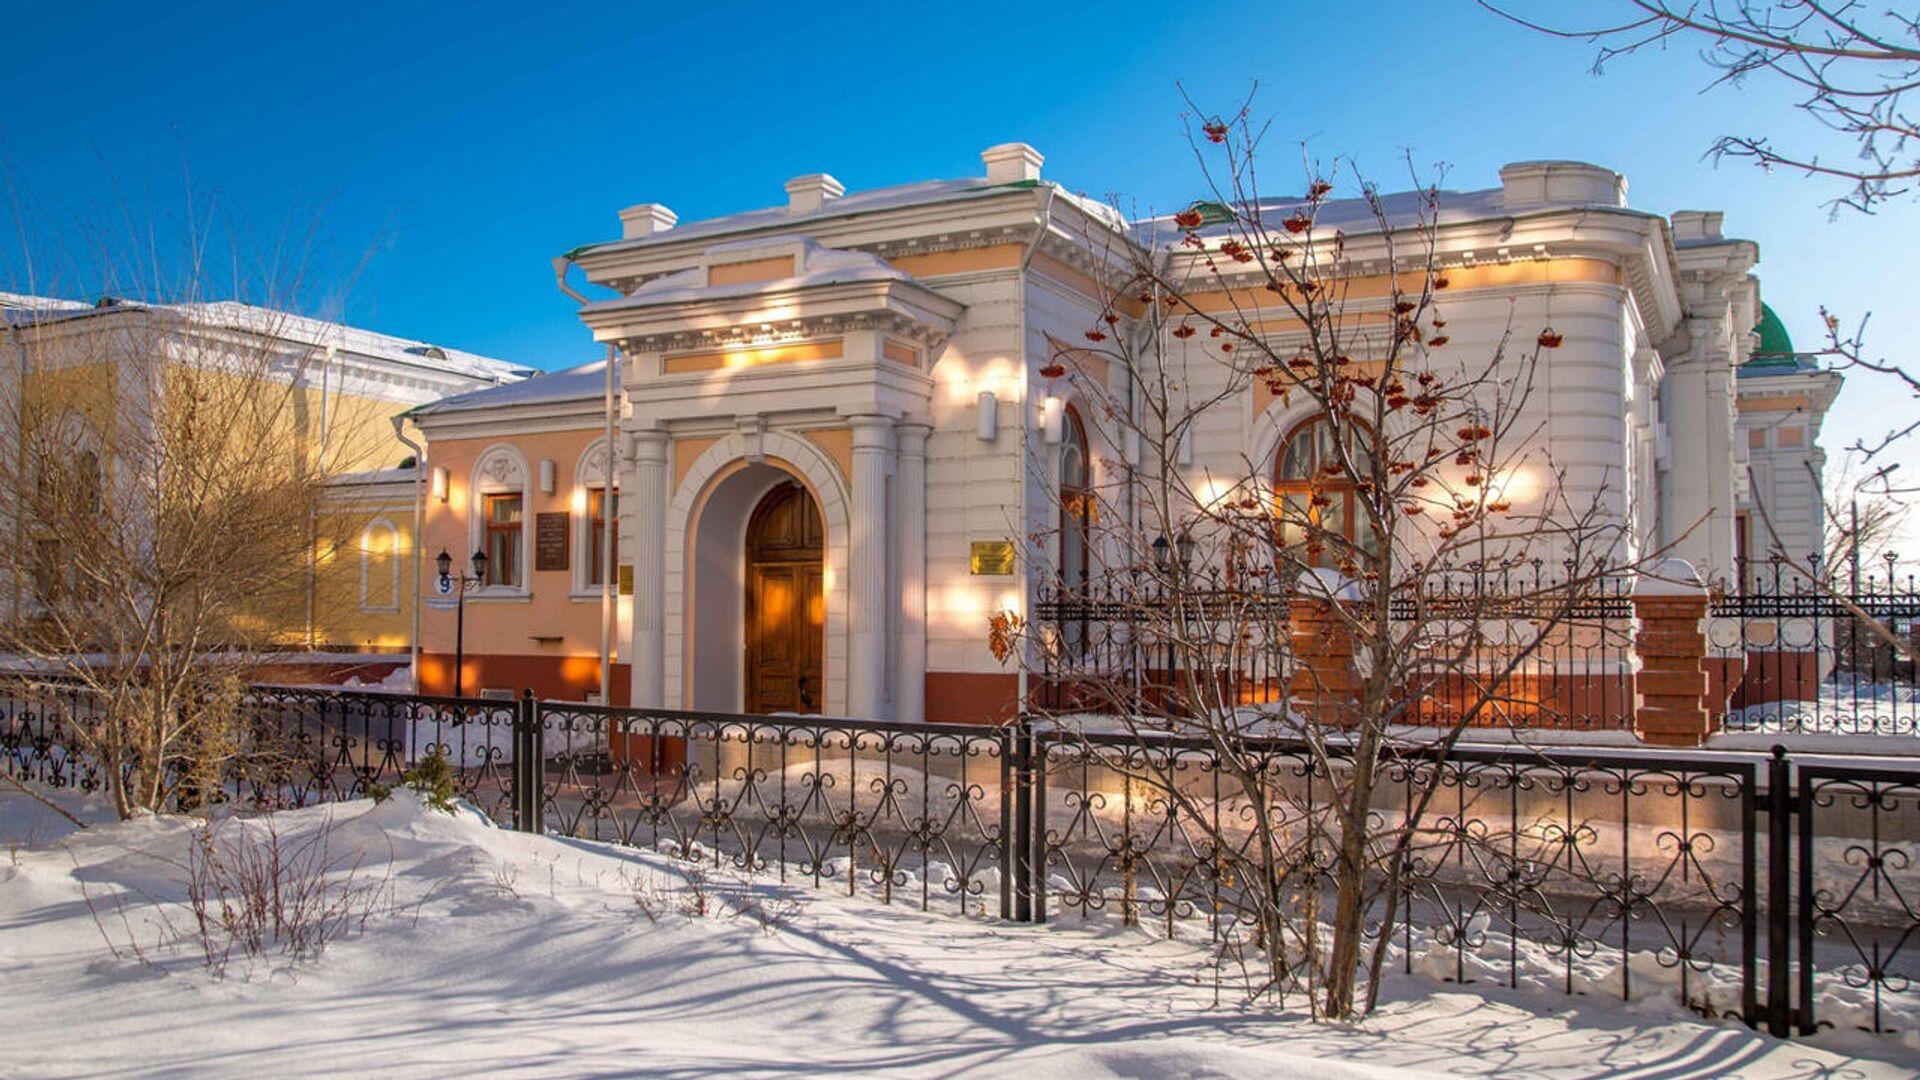 Дом Колчака в Омске - РИА Новости, 1920, 19.02.2021